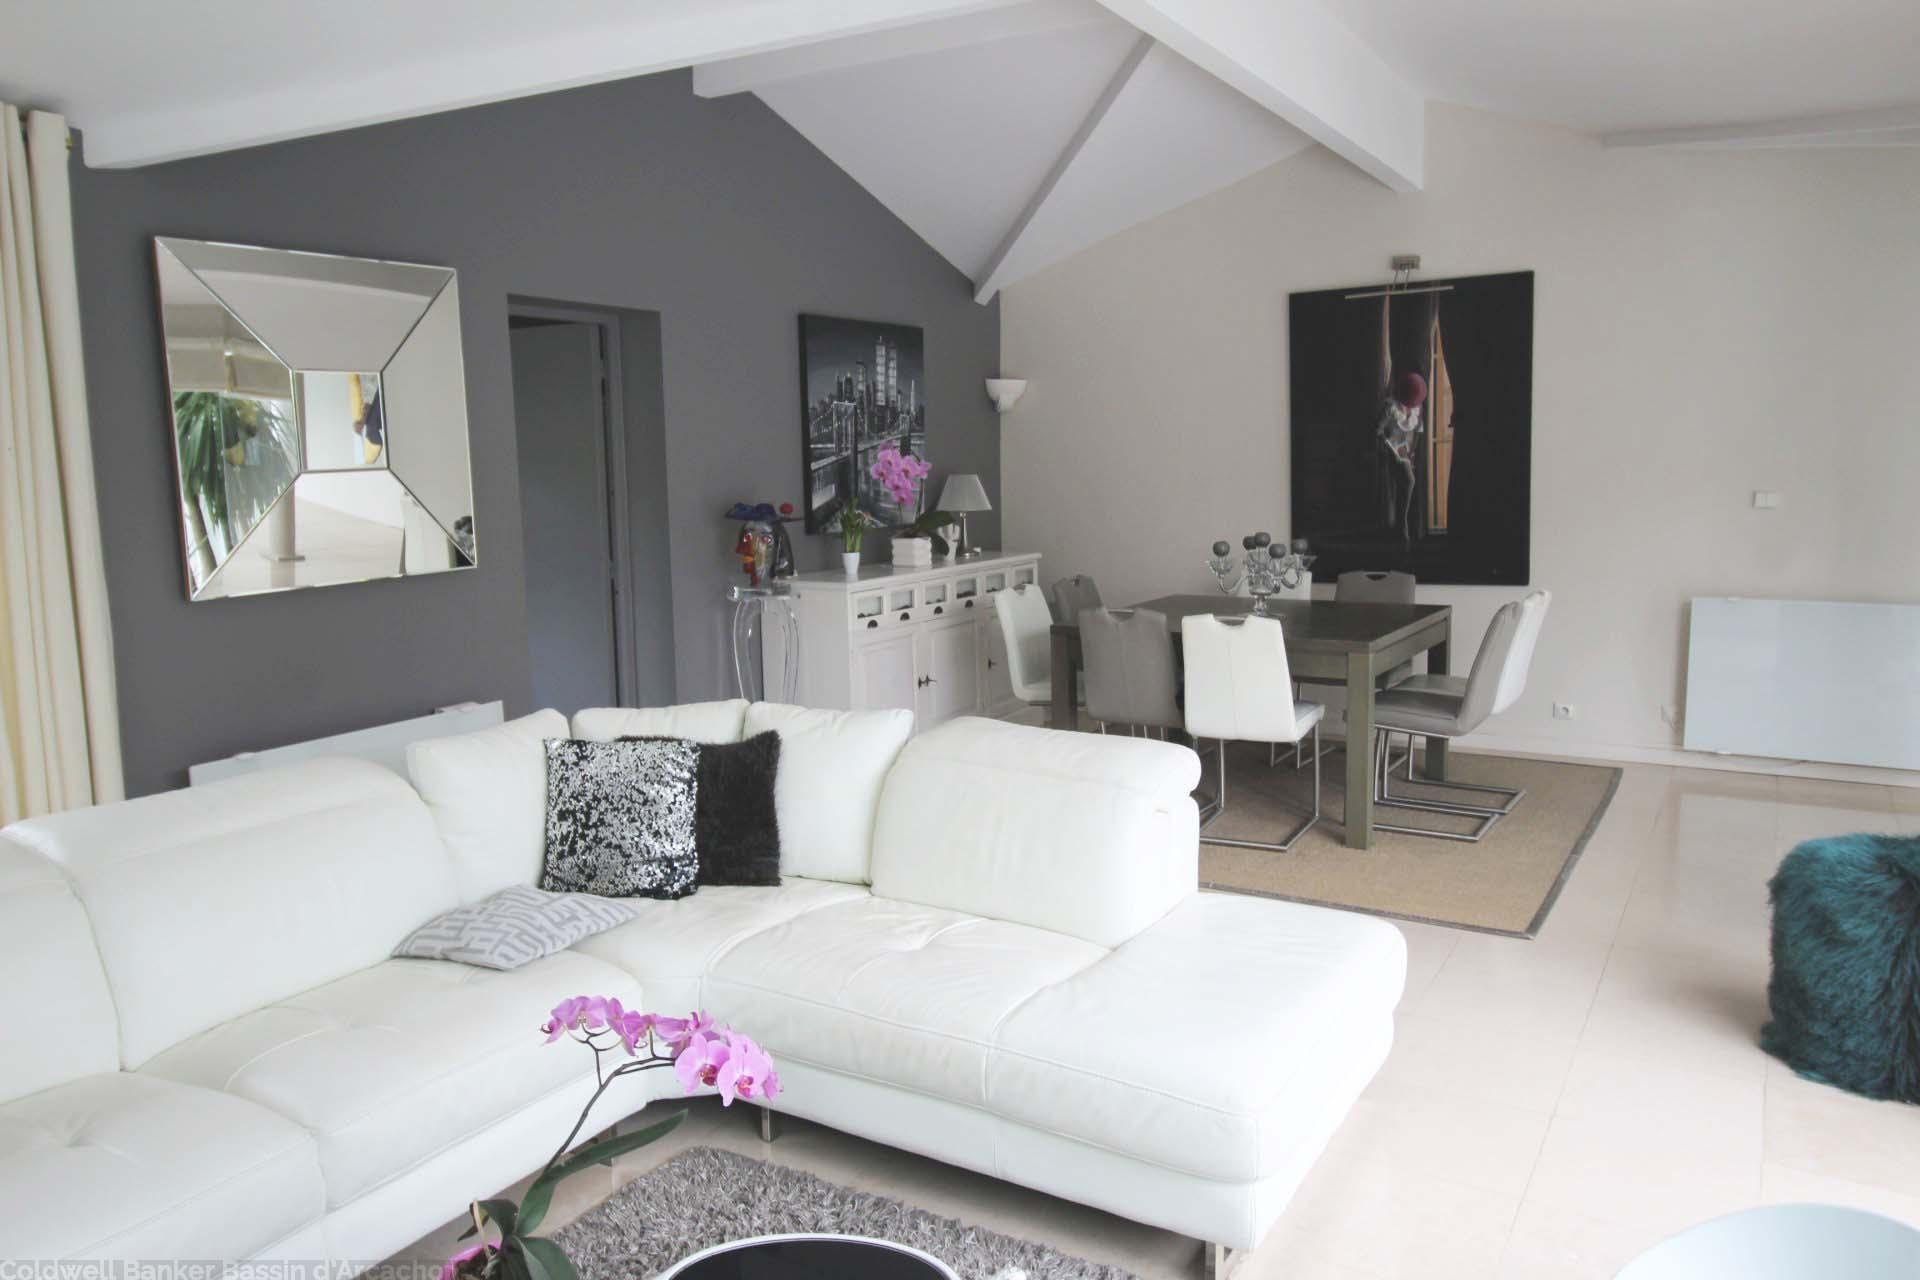 Maison familiale 4 chambres à vendre bordeaux caudéran